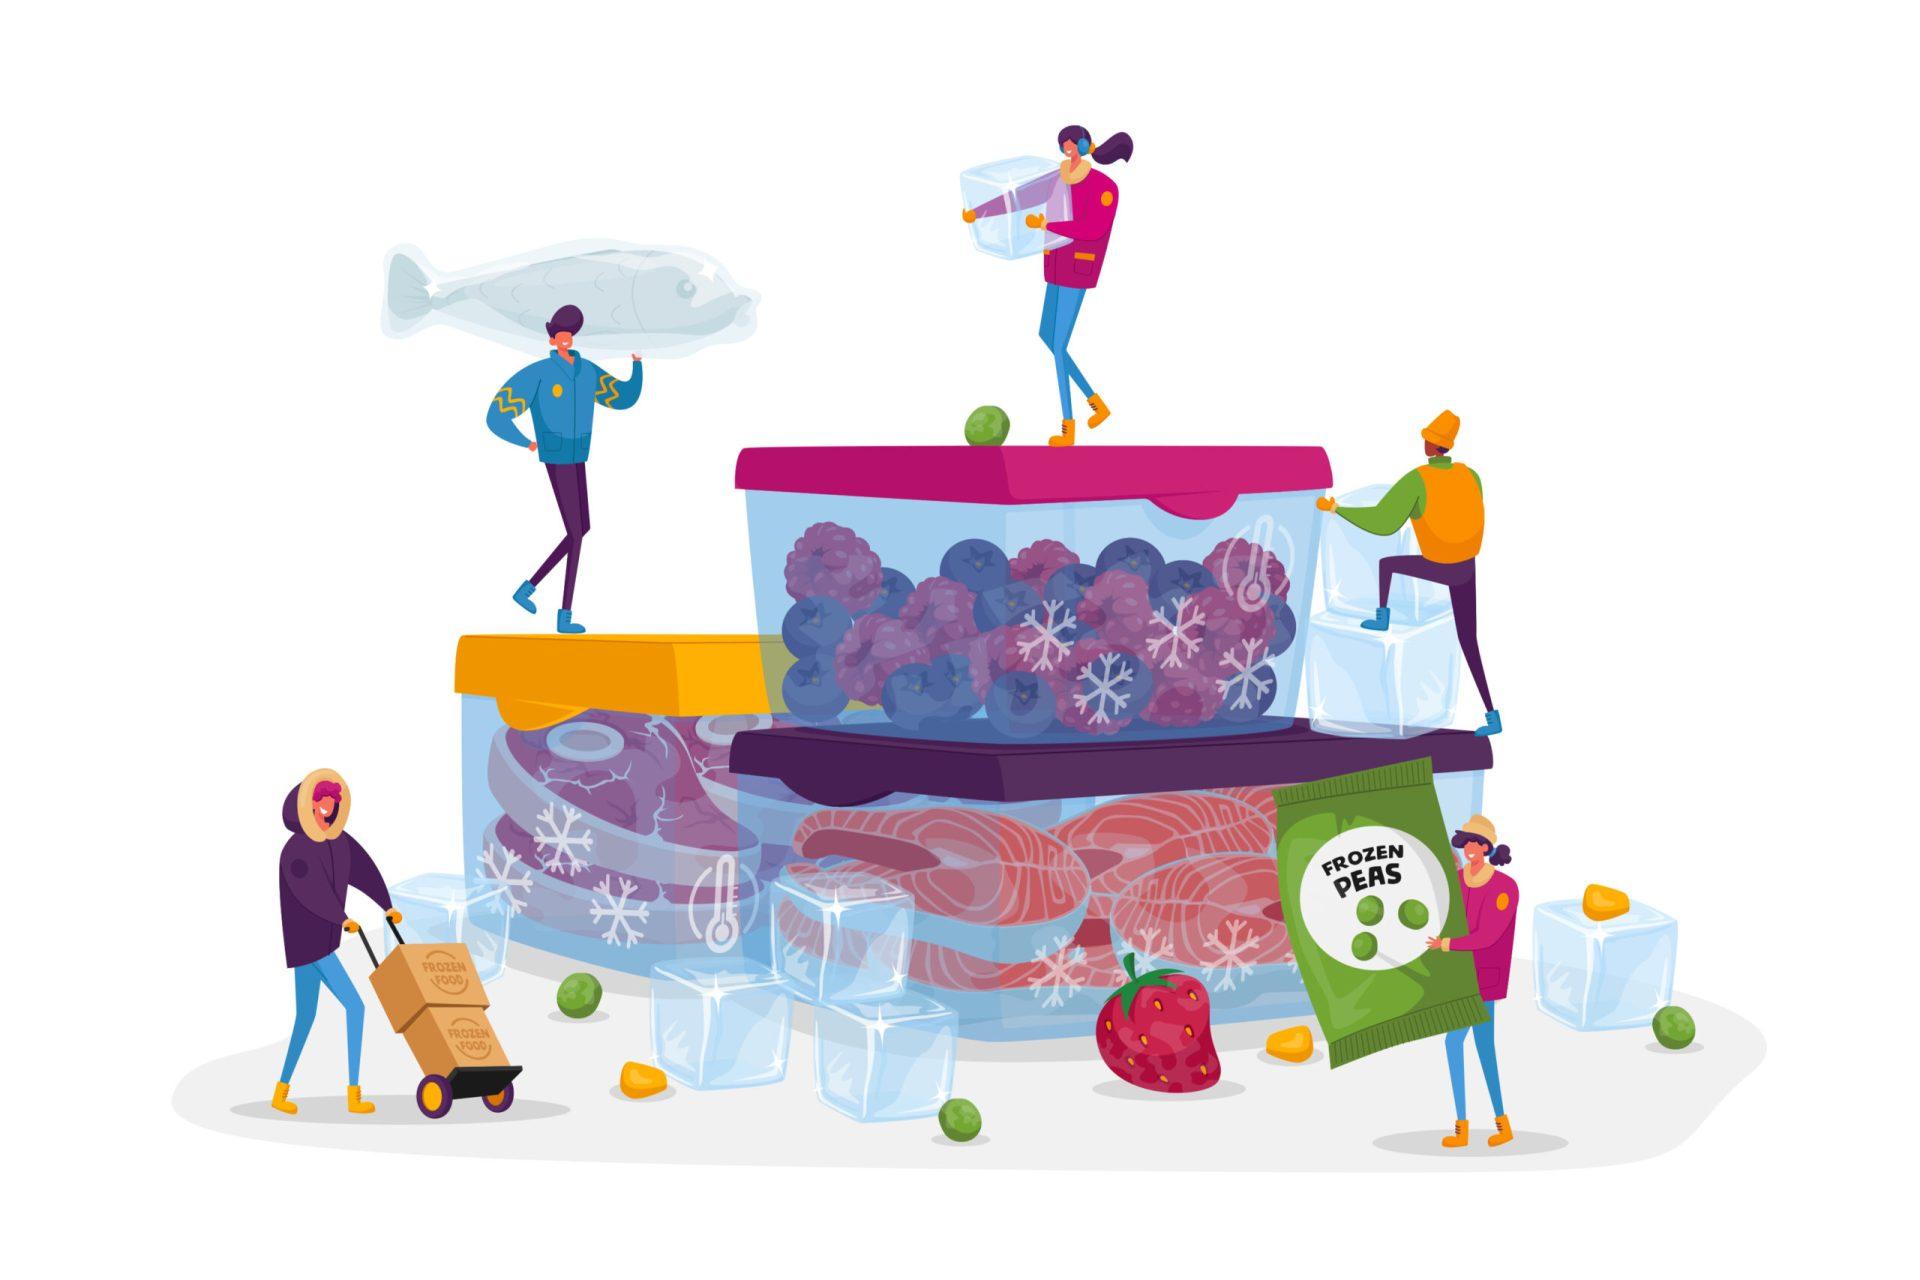 Alimentele congelate sunt sănătoase? Este important ca alimentele să fie închise în pungi de plastic din care să eliminăm cât mai mult aerul prin comprimare.